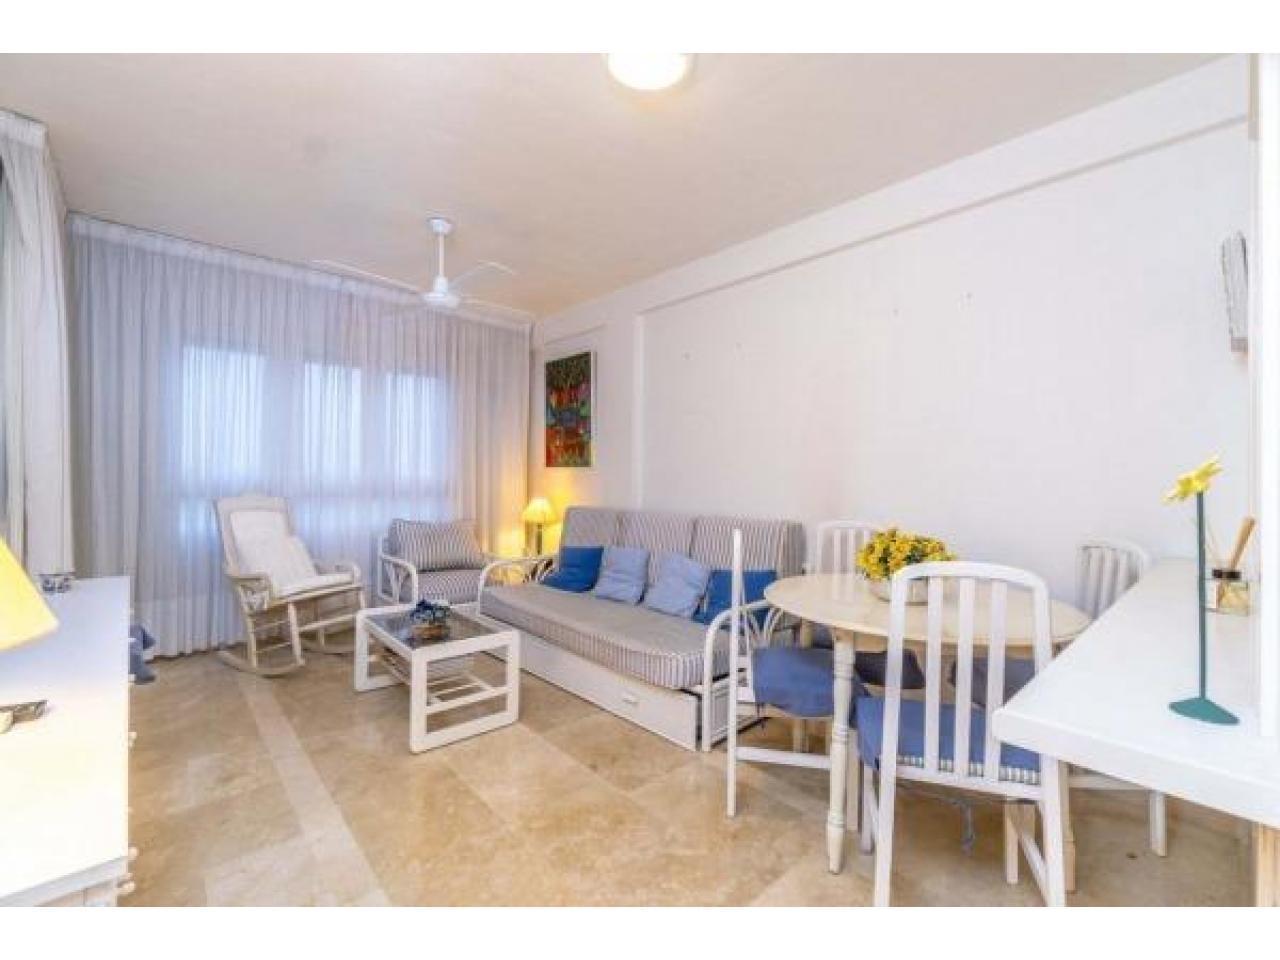 Недвижимость в Испании, Квартира с видами на море в Кампоамор,Коста Бланка,Испания - 5